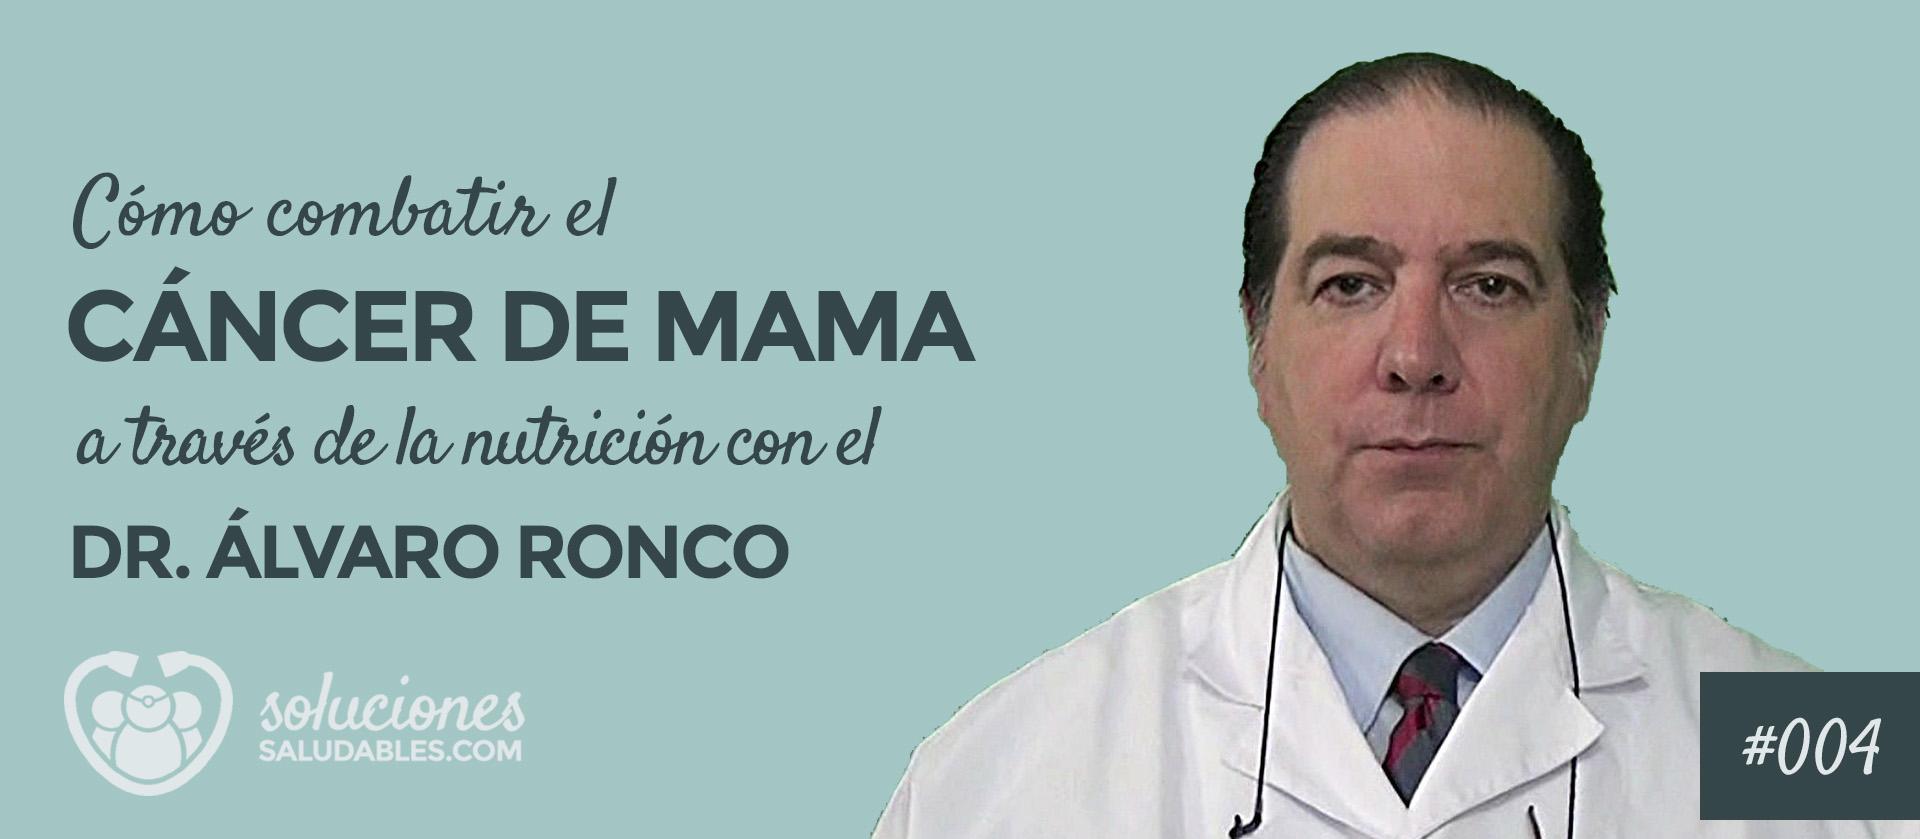 Combatir Cancer de Mama a través de la nutrición